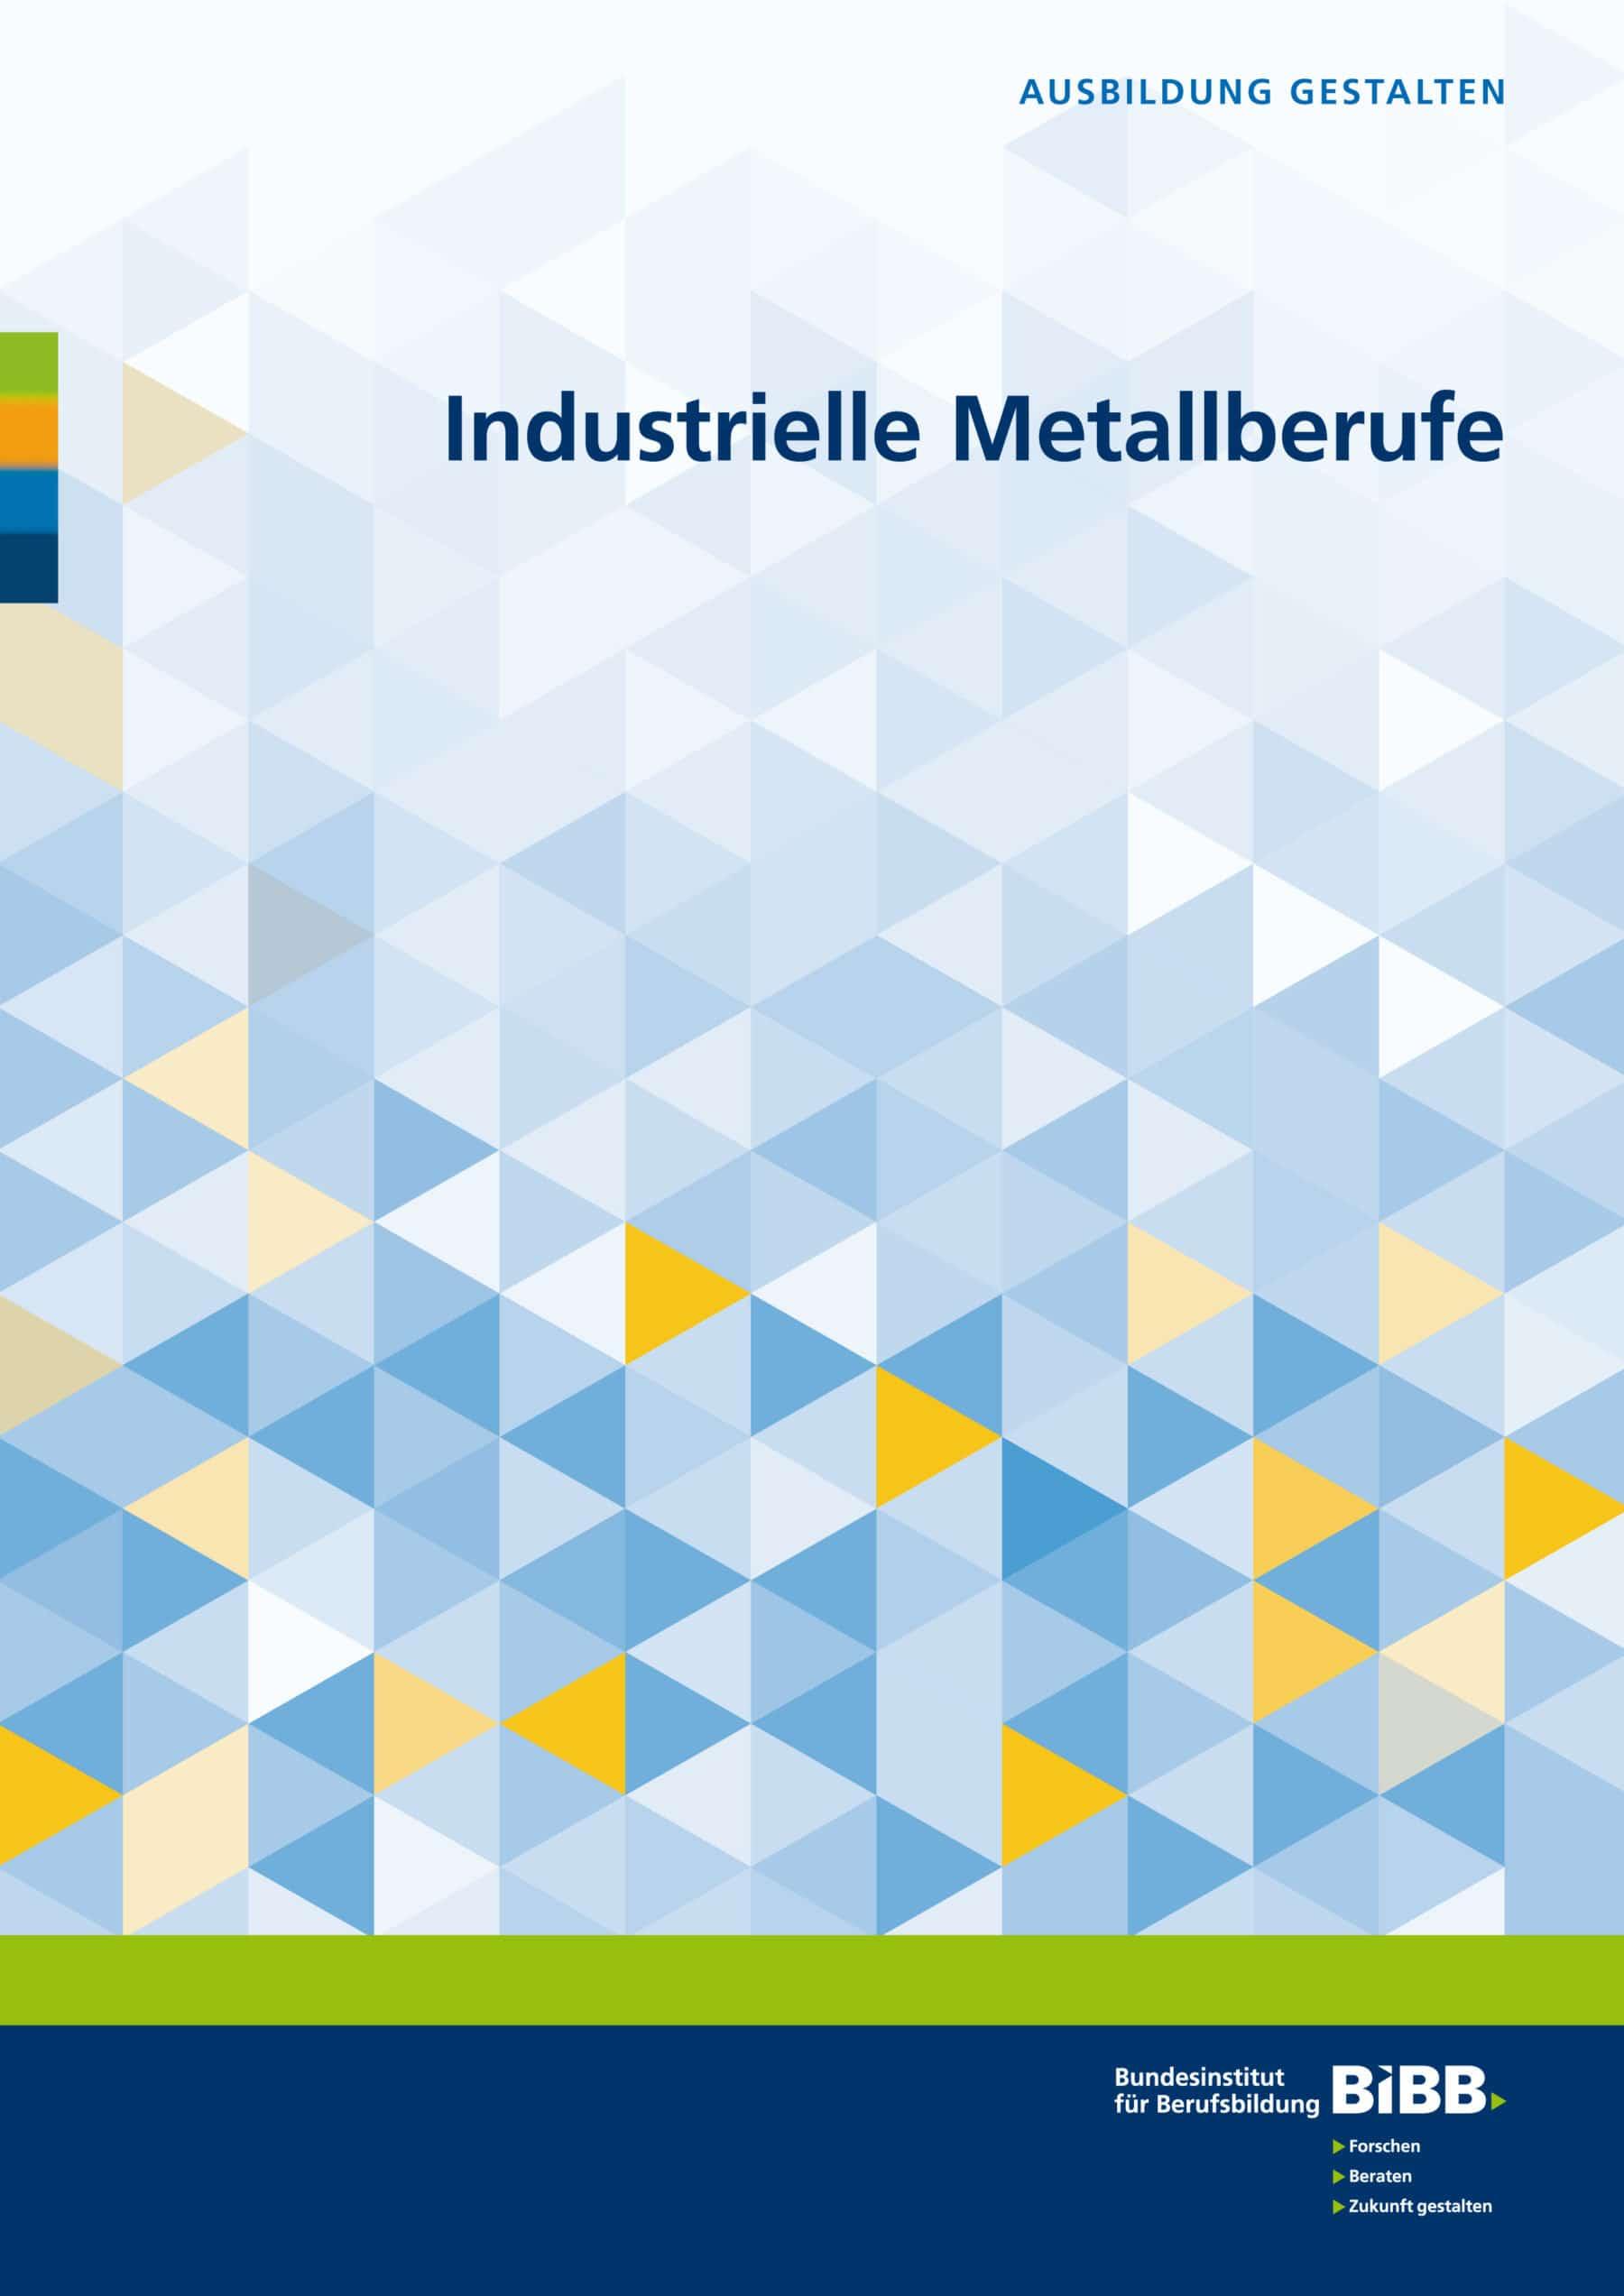 Industrielle Metallberufe